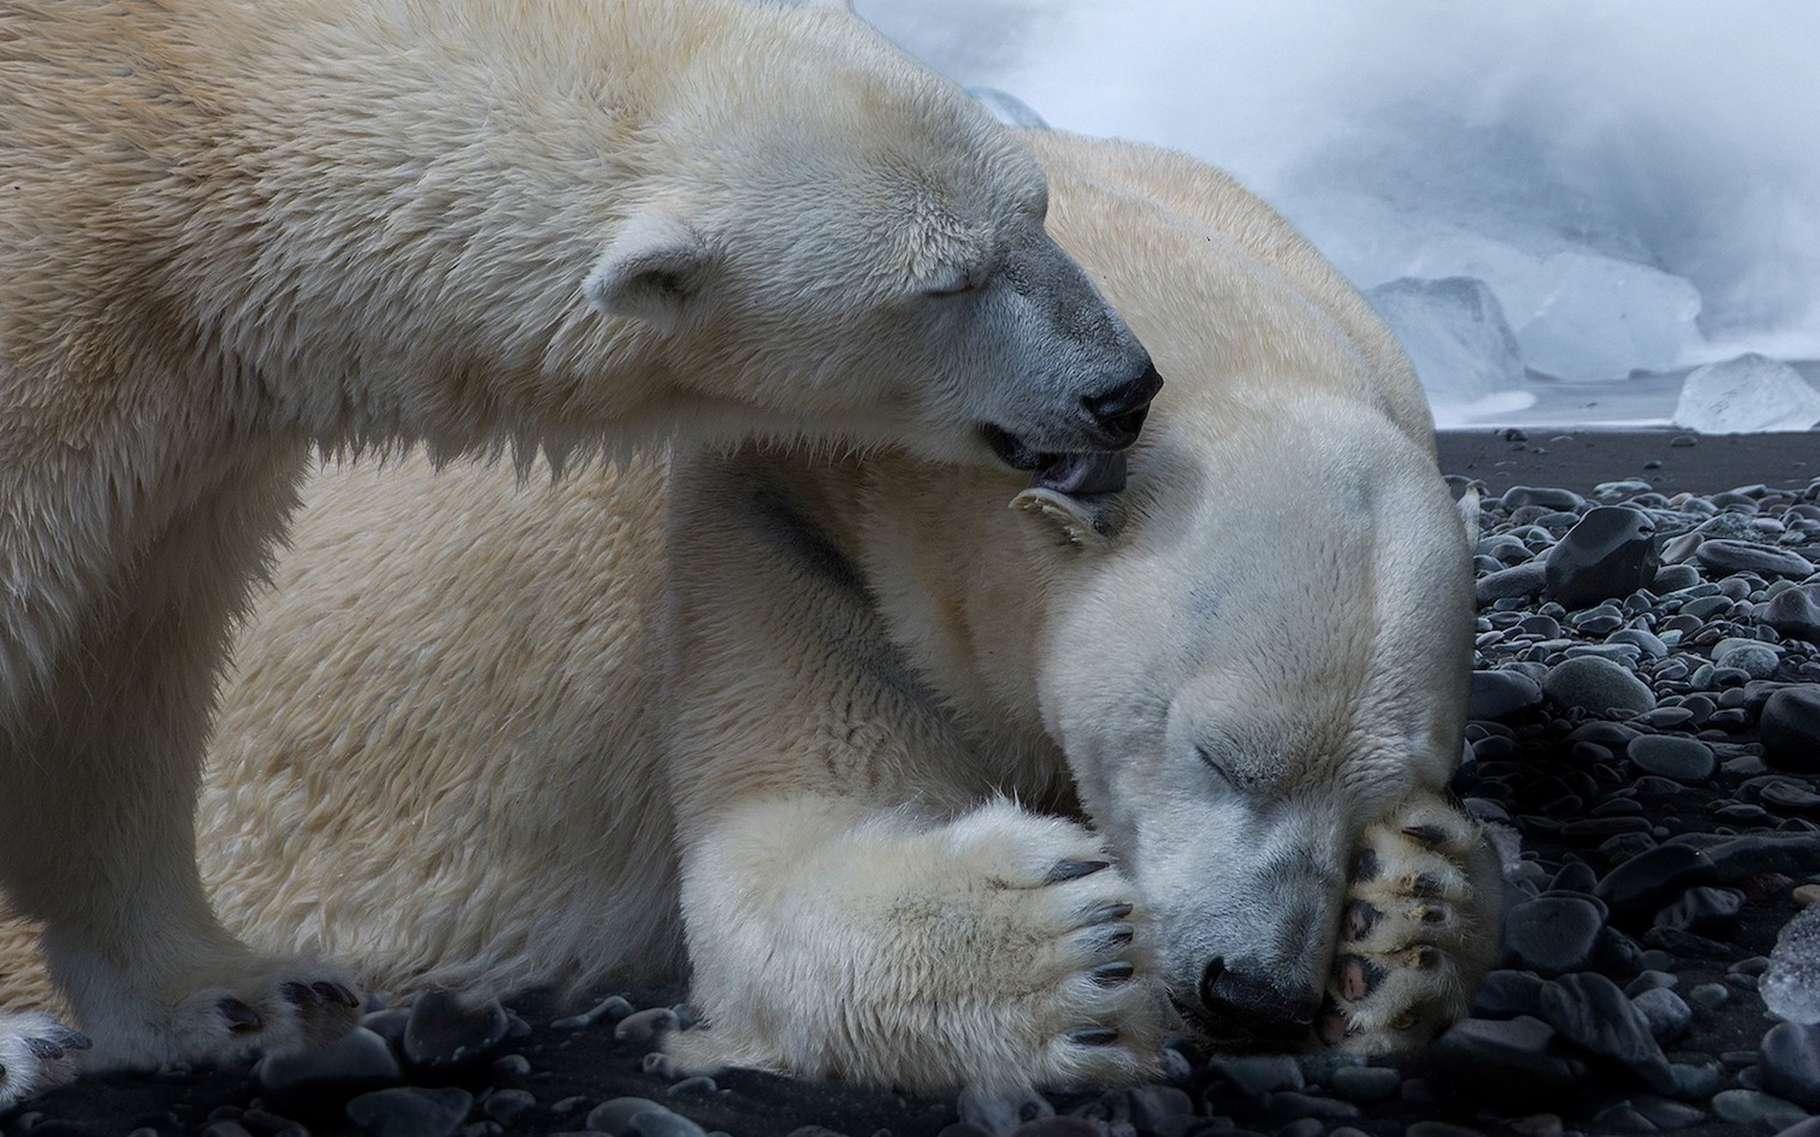 Selon une équipe internationale de chercheurs, le climat se réchauffe aujourd'hui trop vite pour laisser le temps aux animaux de s'adapter. © 4924546, Pixabay License